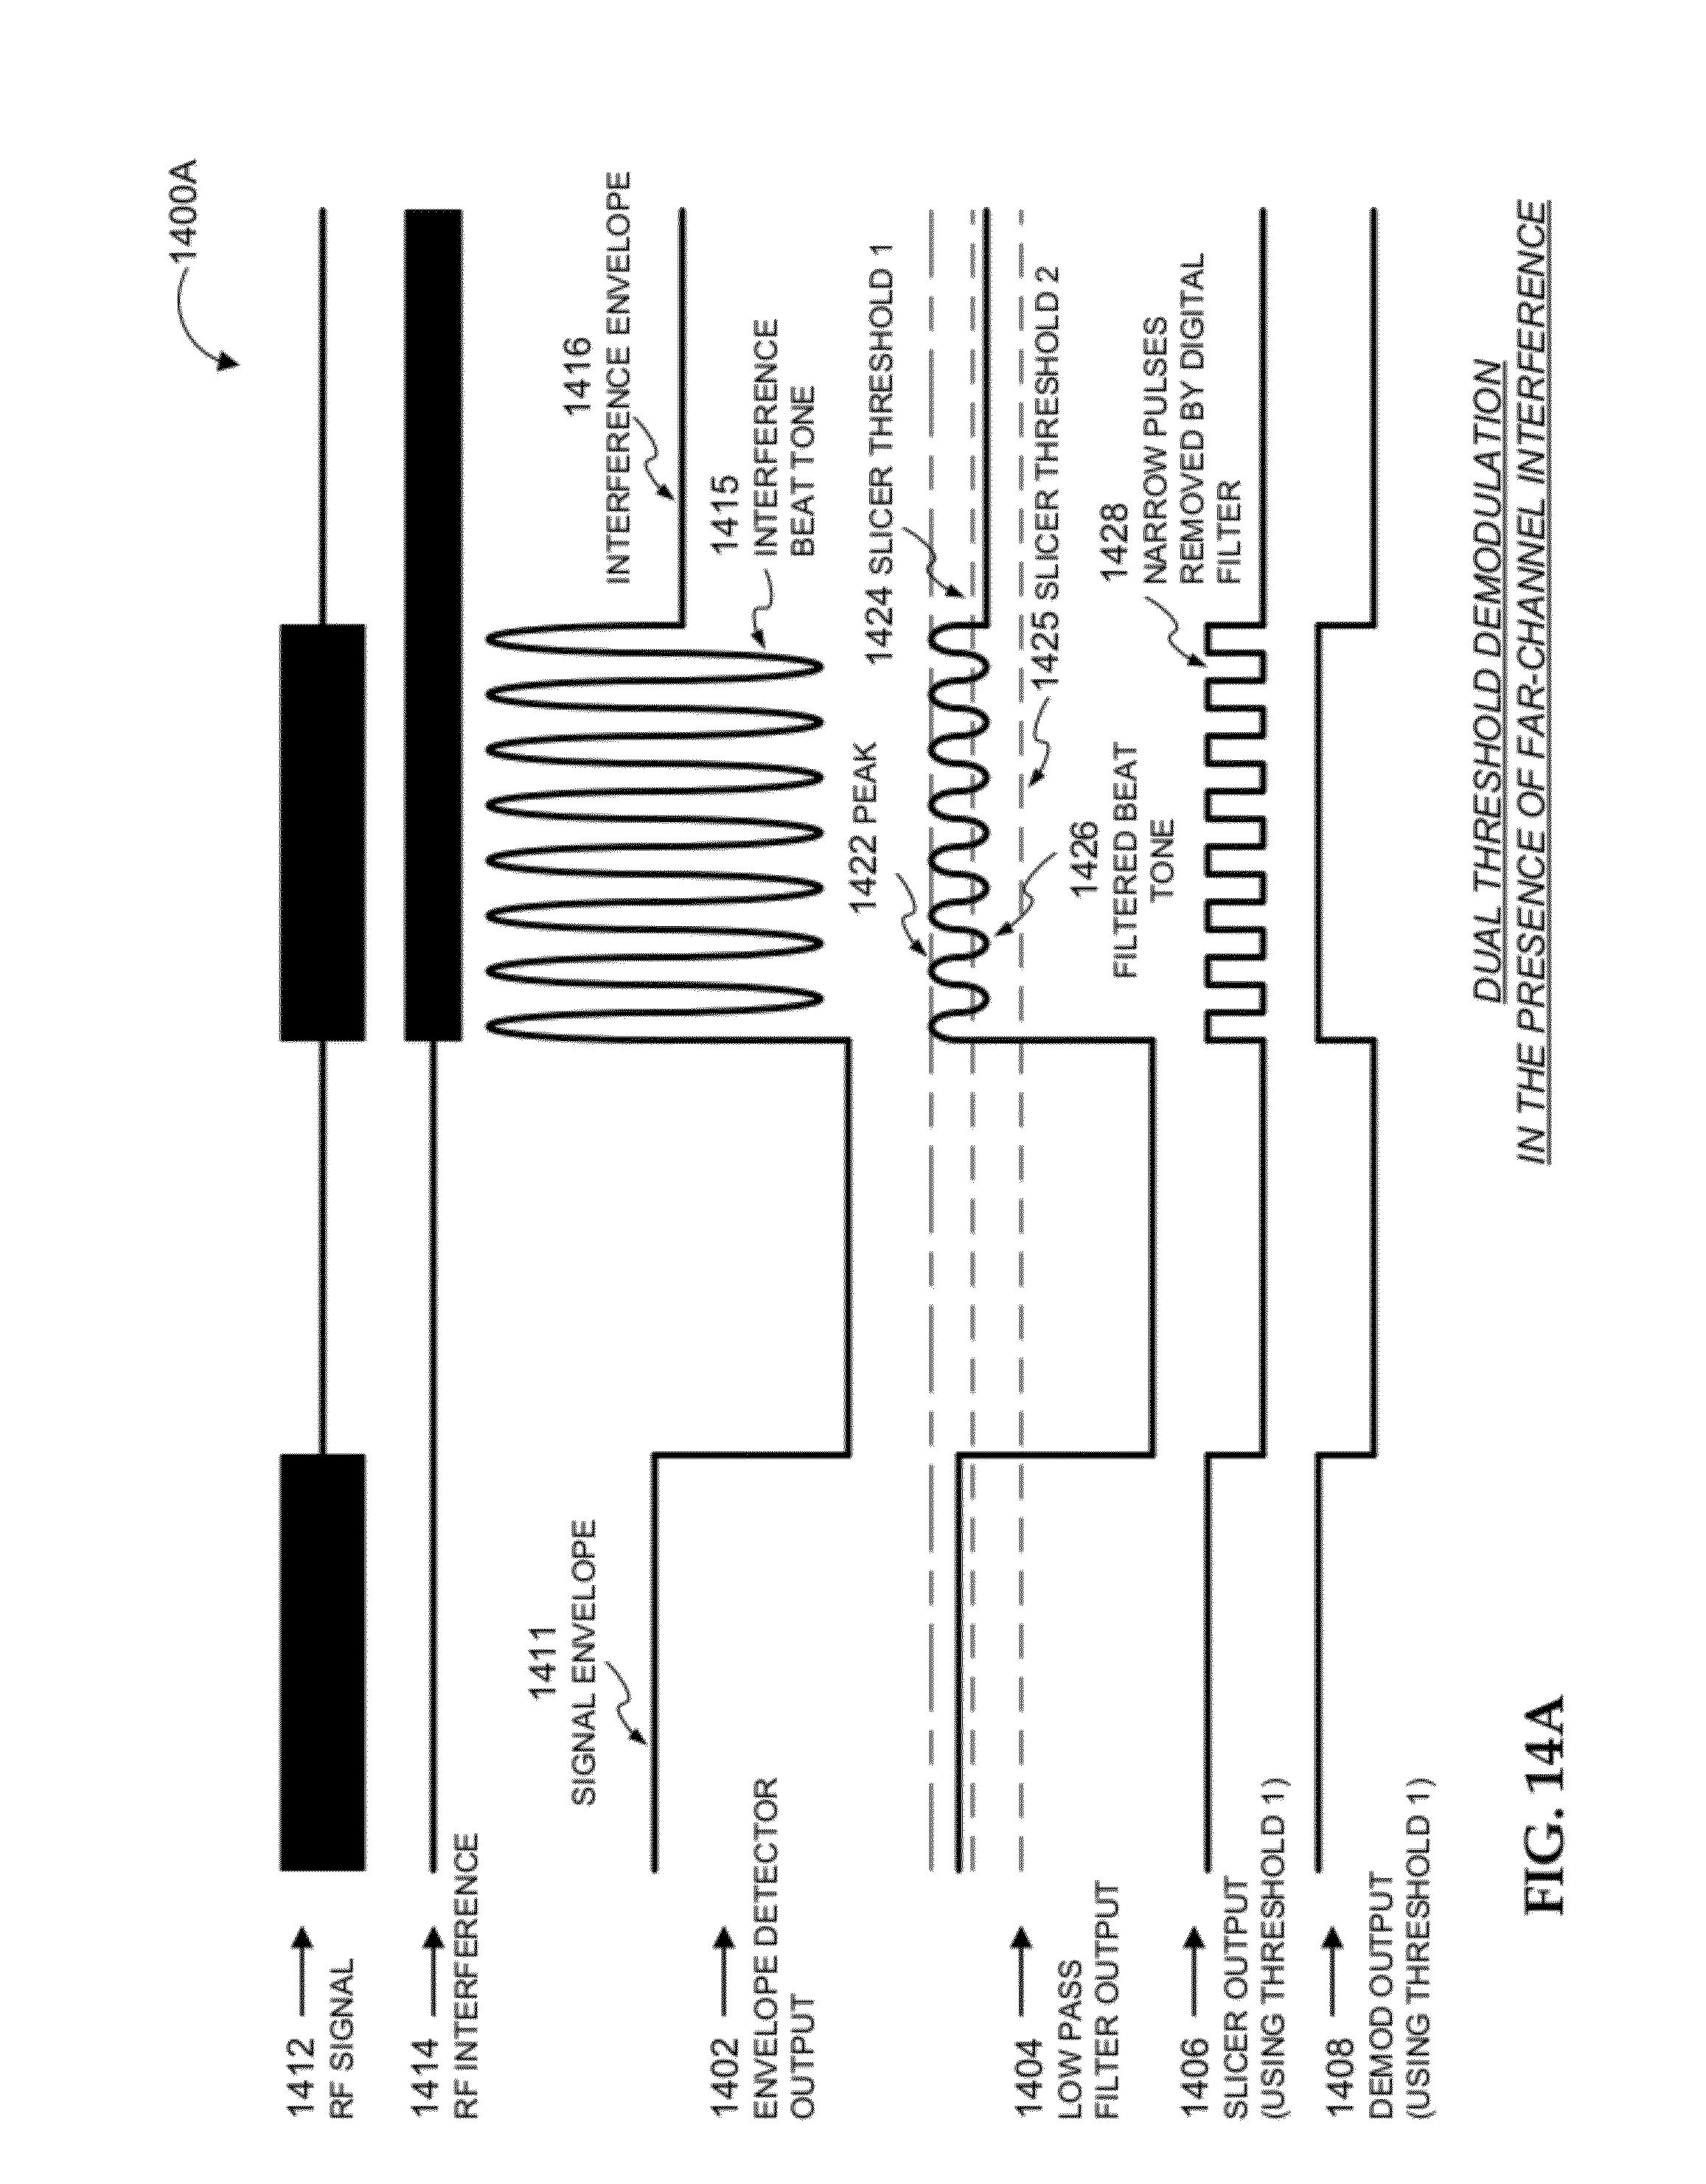 patent us8258955